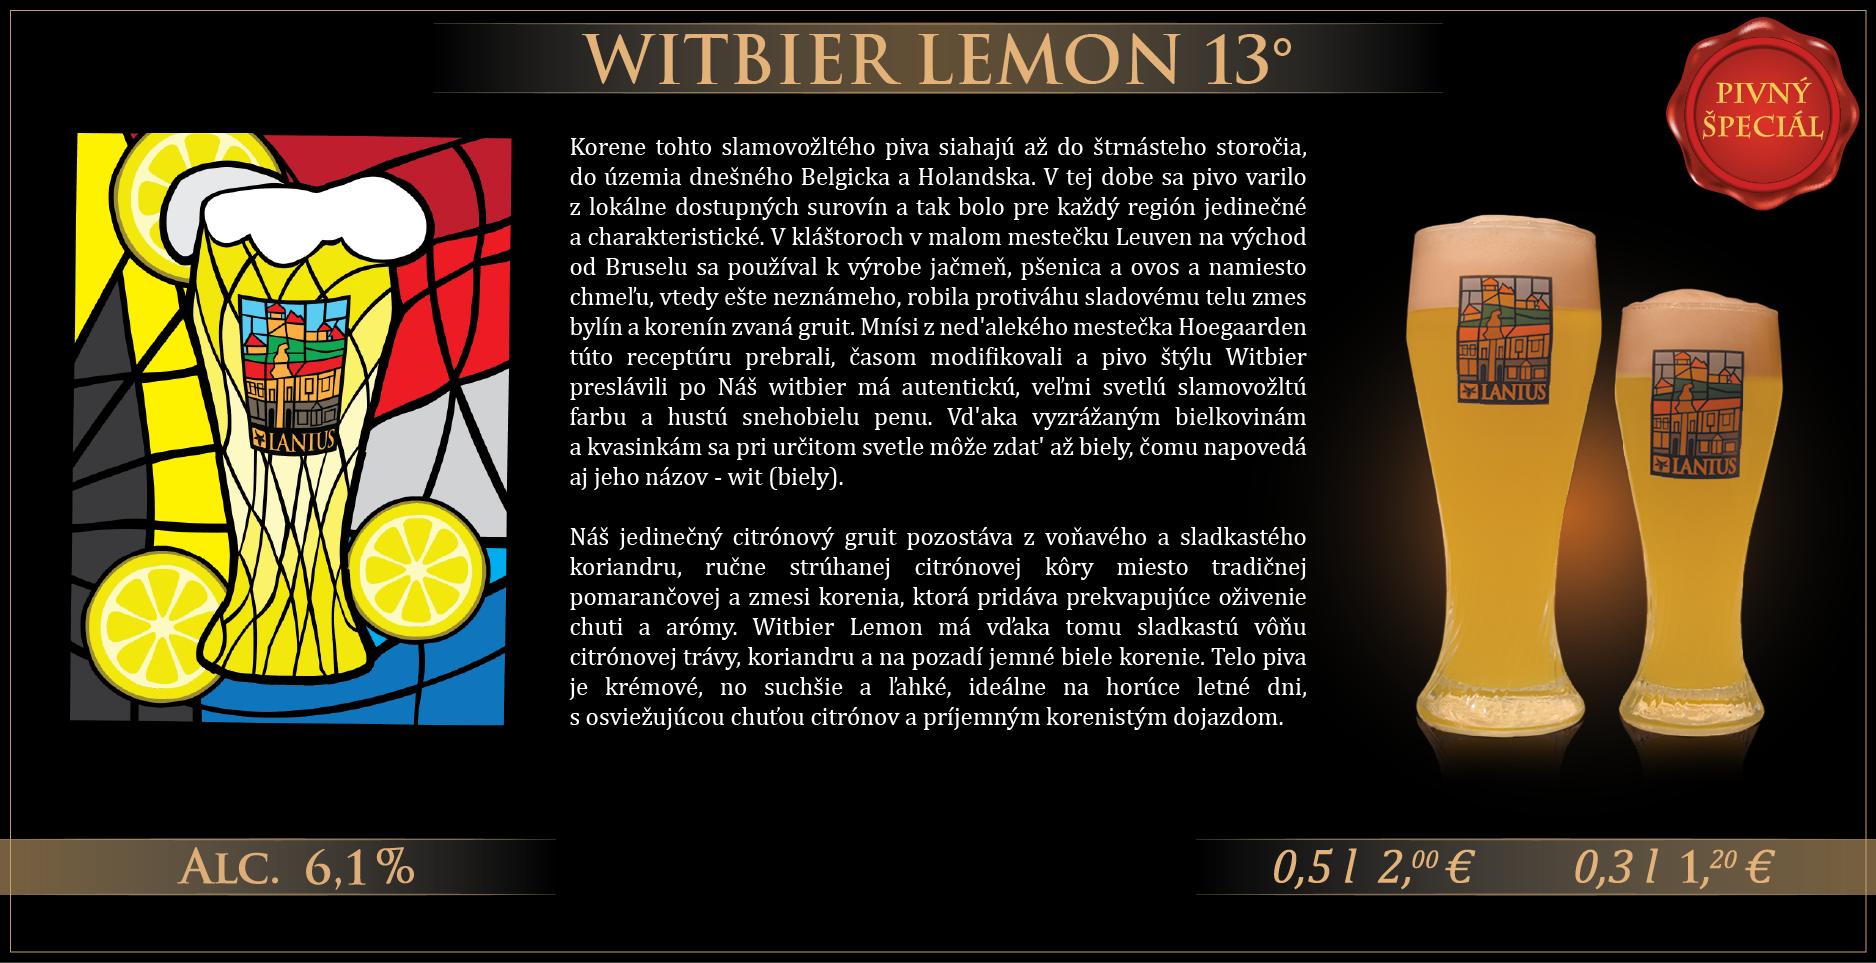 WITBIER LEMON 13 WEB-02